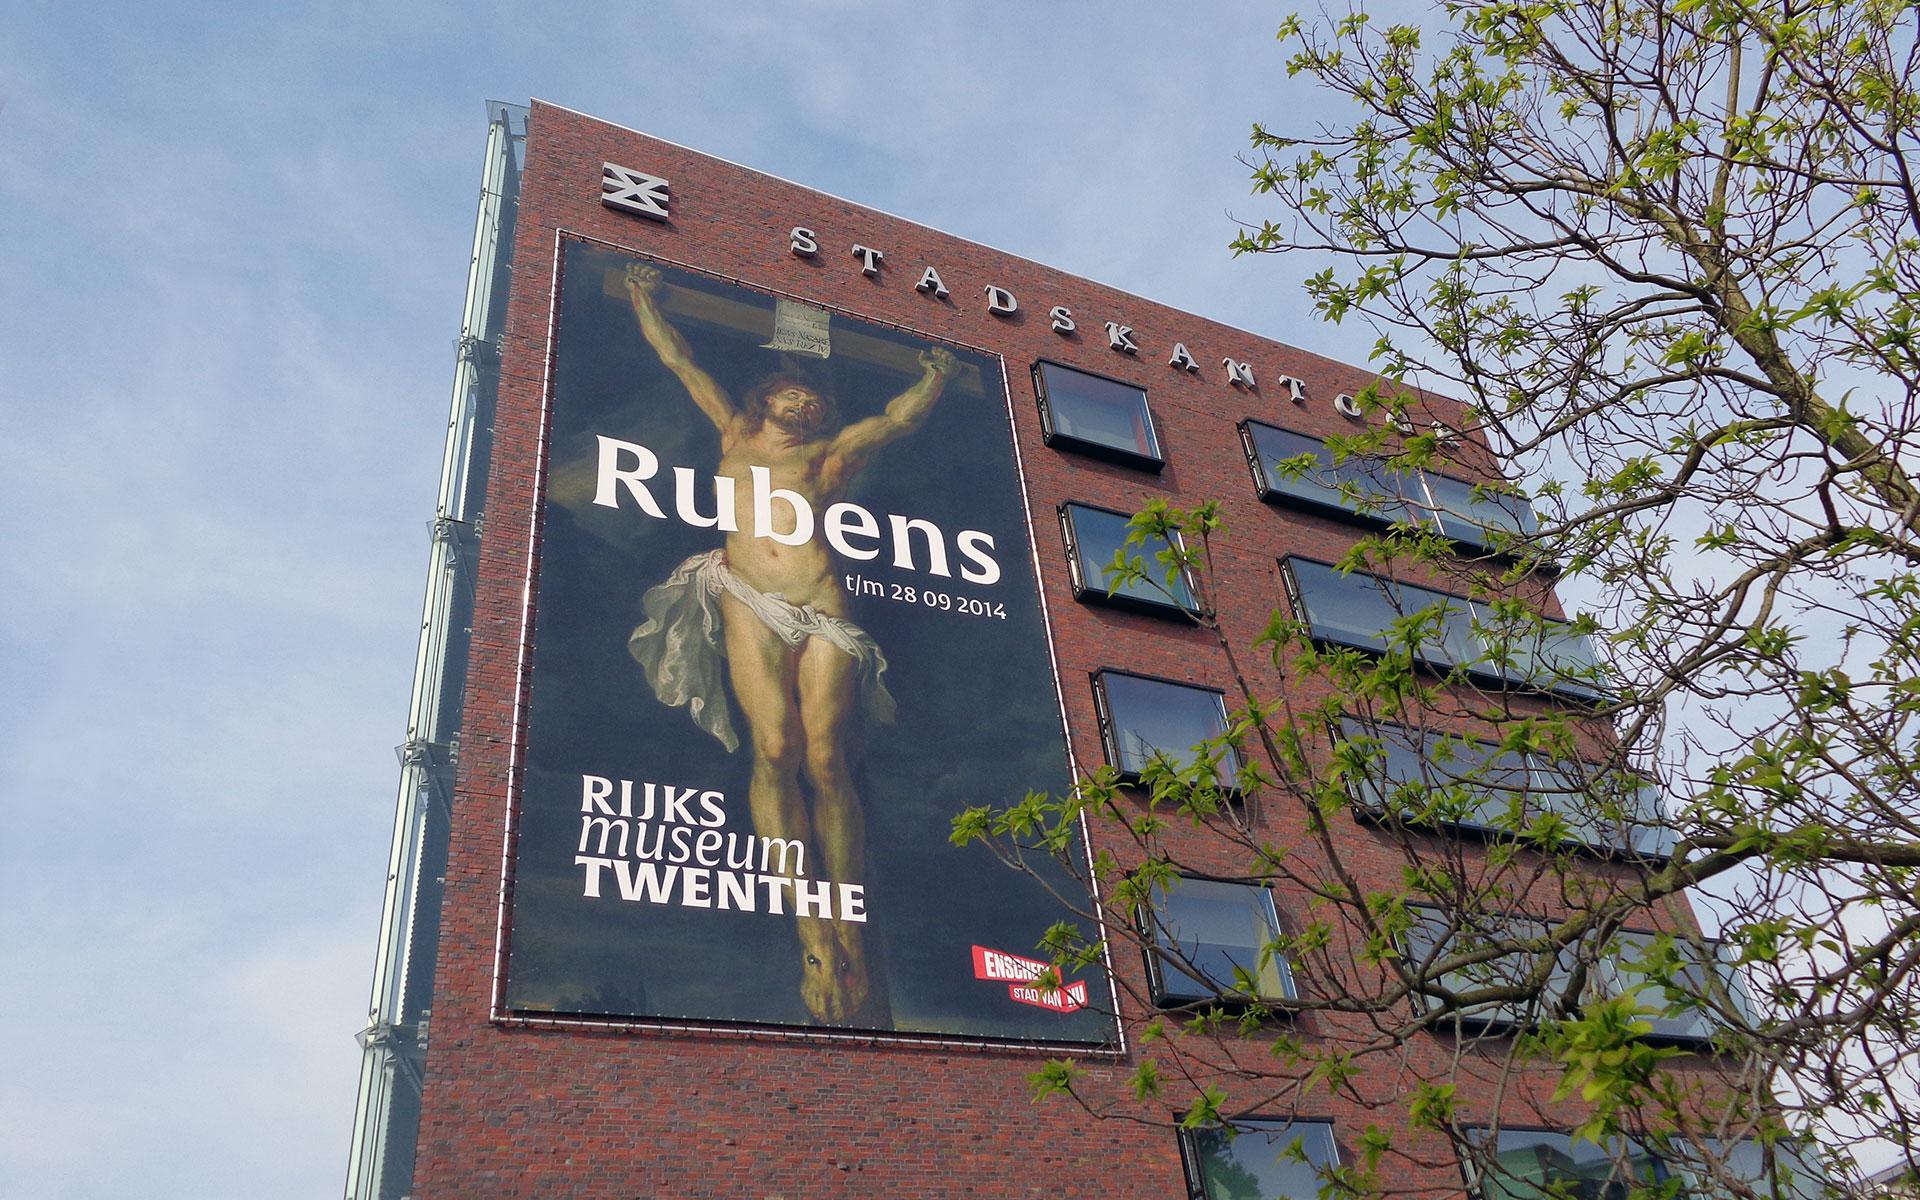 Hier zie je de gevel van het Stadskantoor te Enschede, waar wij een grote banner hebben gemonteerd in een buizenframe met de opdruk van Jezus. ter promotie van de tentoonstelling met de meesterwerken van Rubens, Van Dyck en Jordaens - de Vlaamse barok die te bezichtigen is tot en met 28 september 2014 in het Rijksmuseum Twenthe te Enschede | Mondice